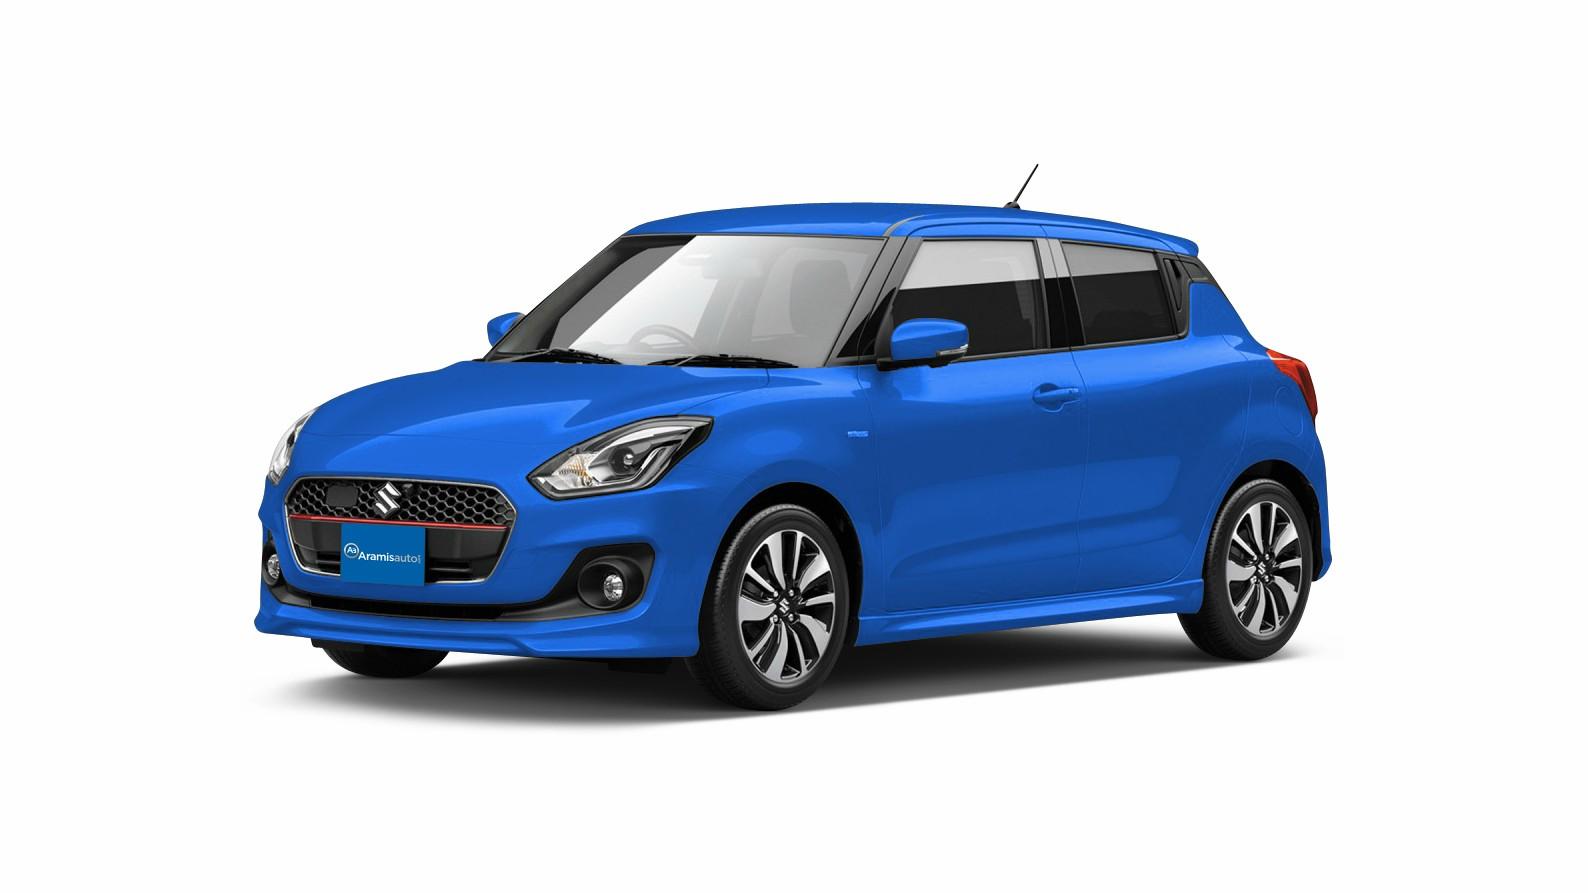 Acheter Suzuki Swift Nouvelle Privilege Privilege chez un mandataire auto